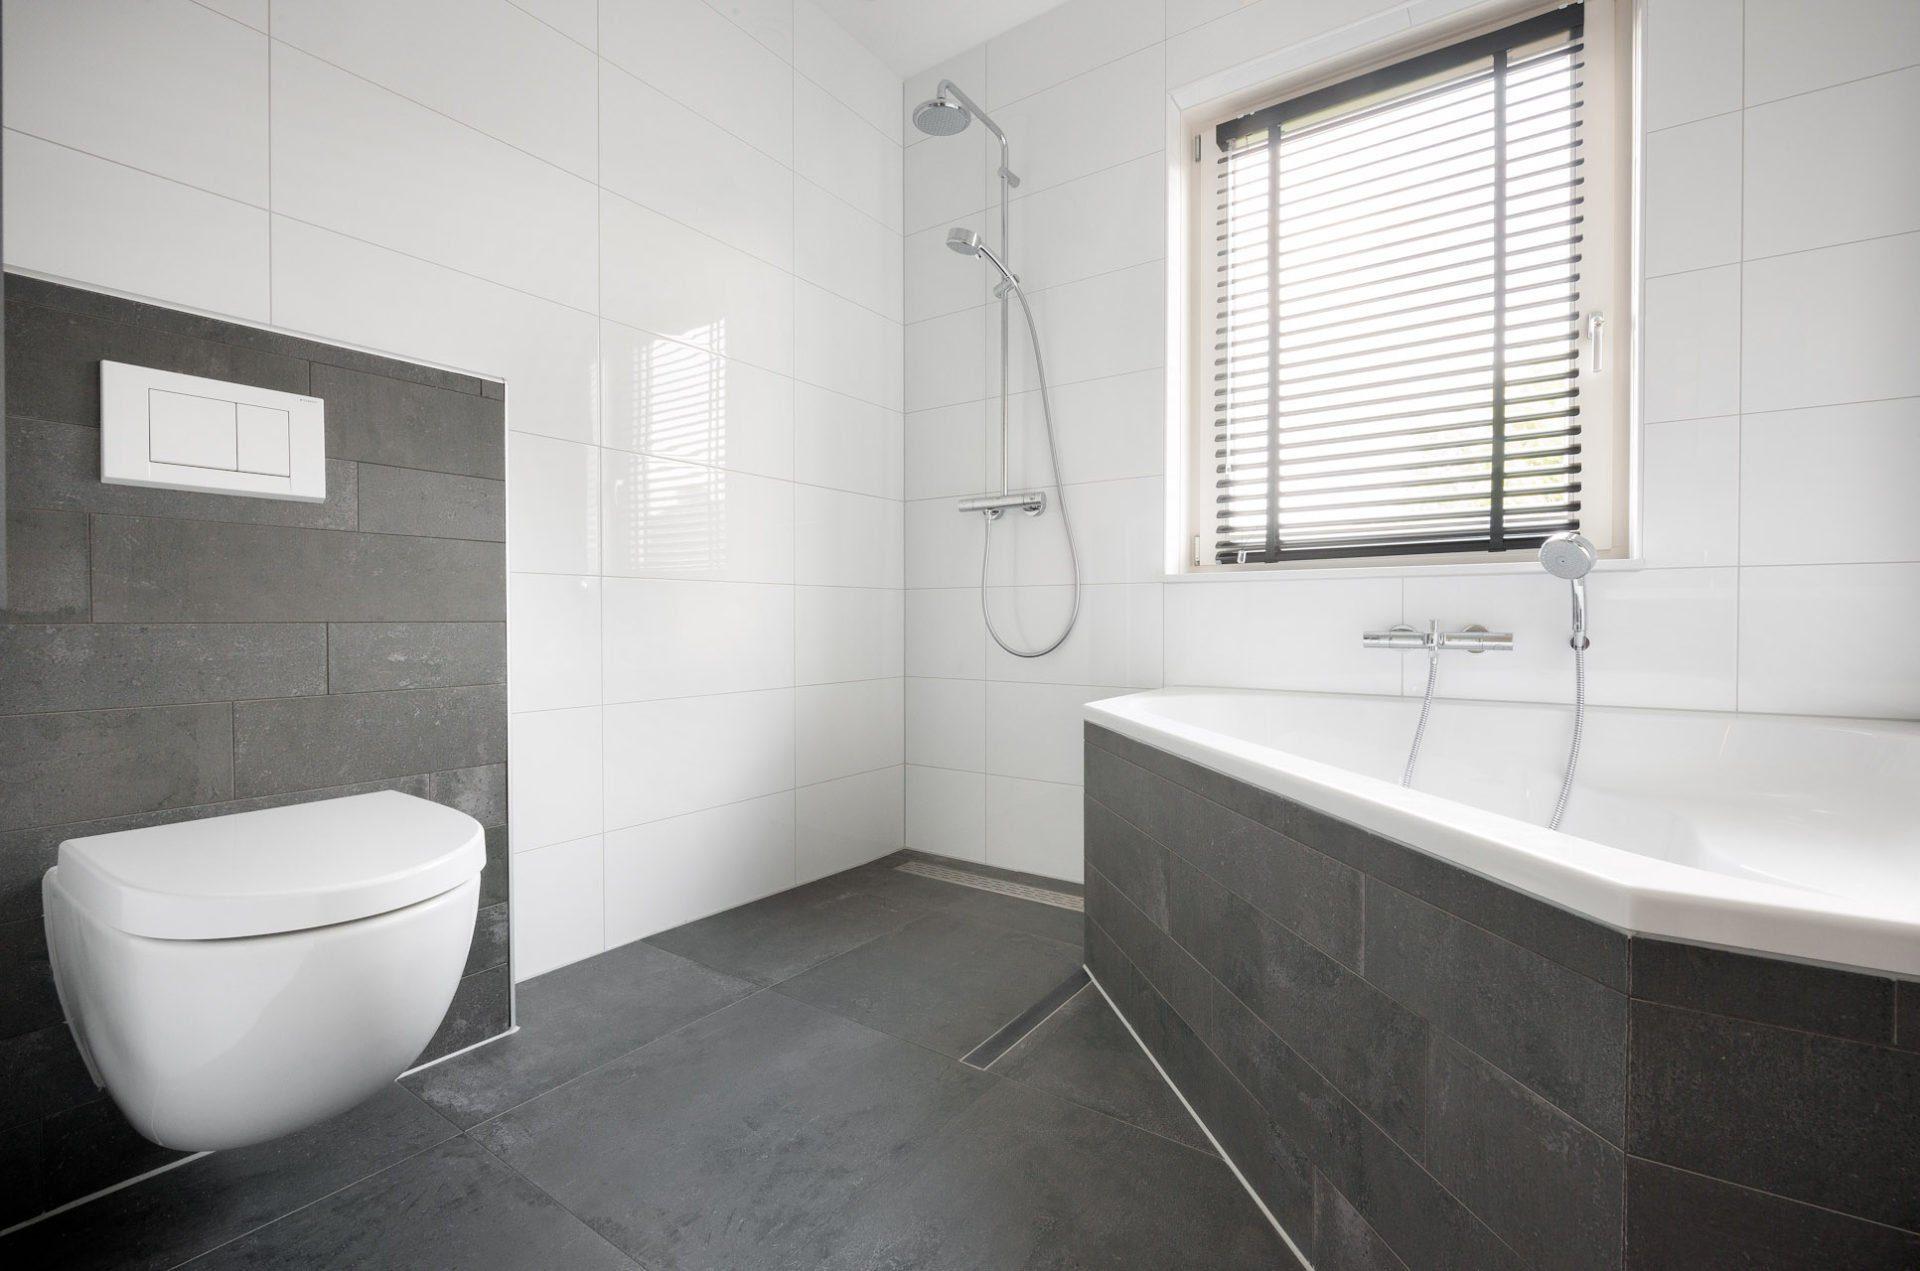 Leisteen Vloer Badkamer ~ Antraciet vloertegels in woonkamer en badkamer